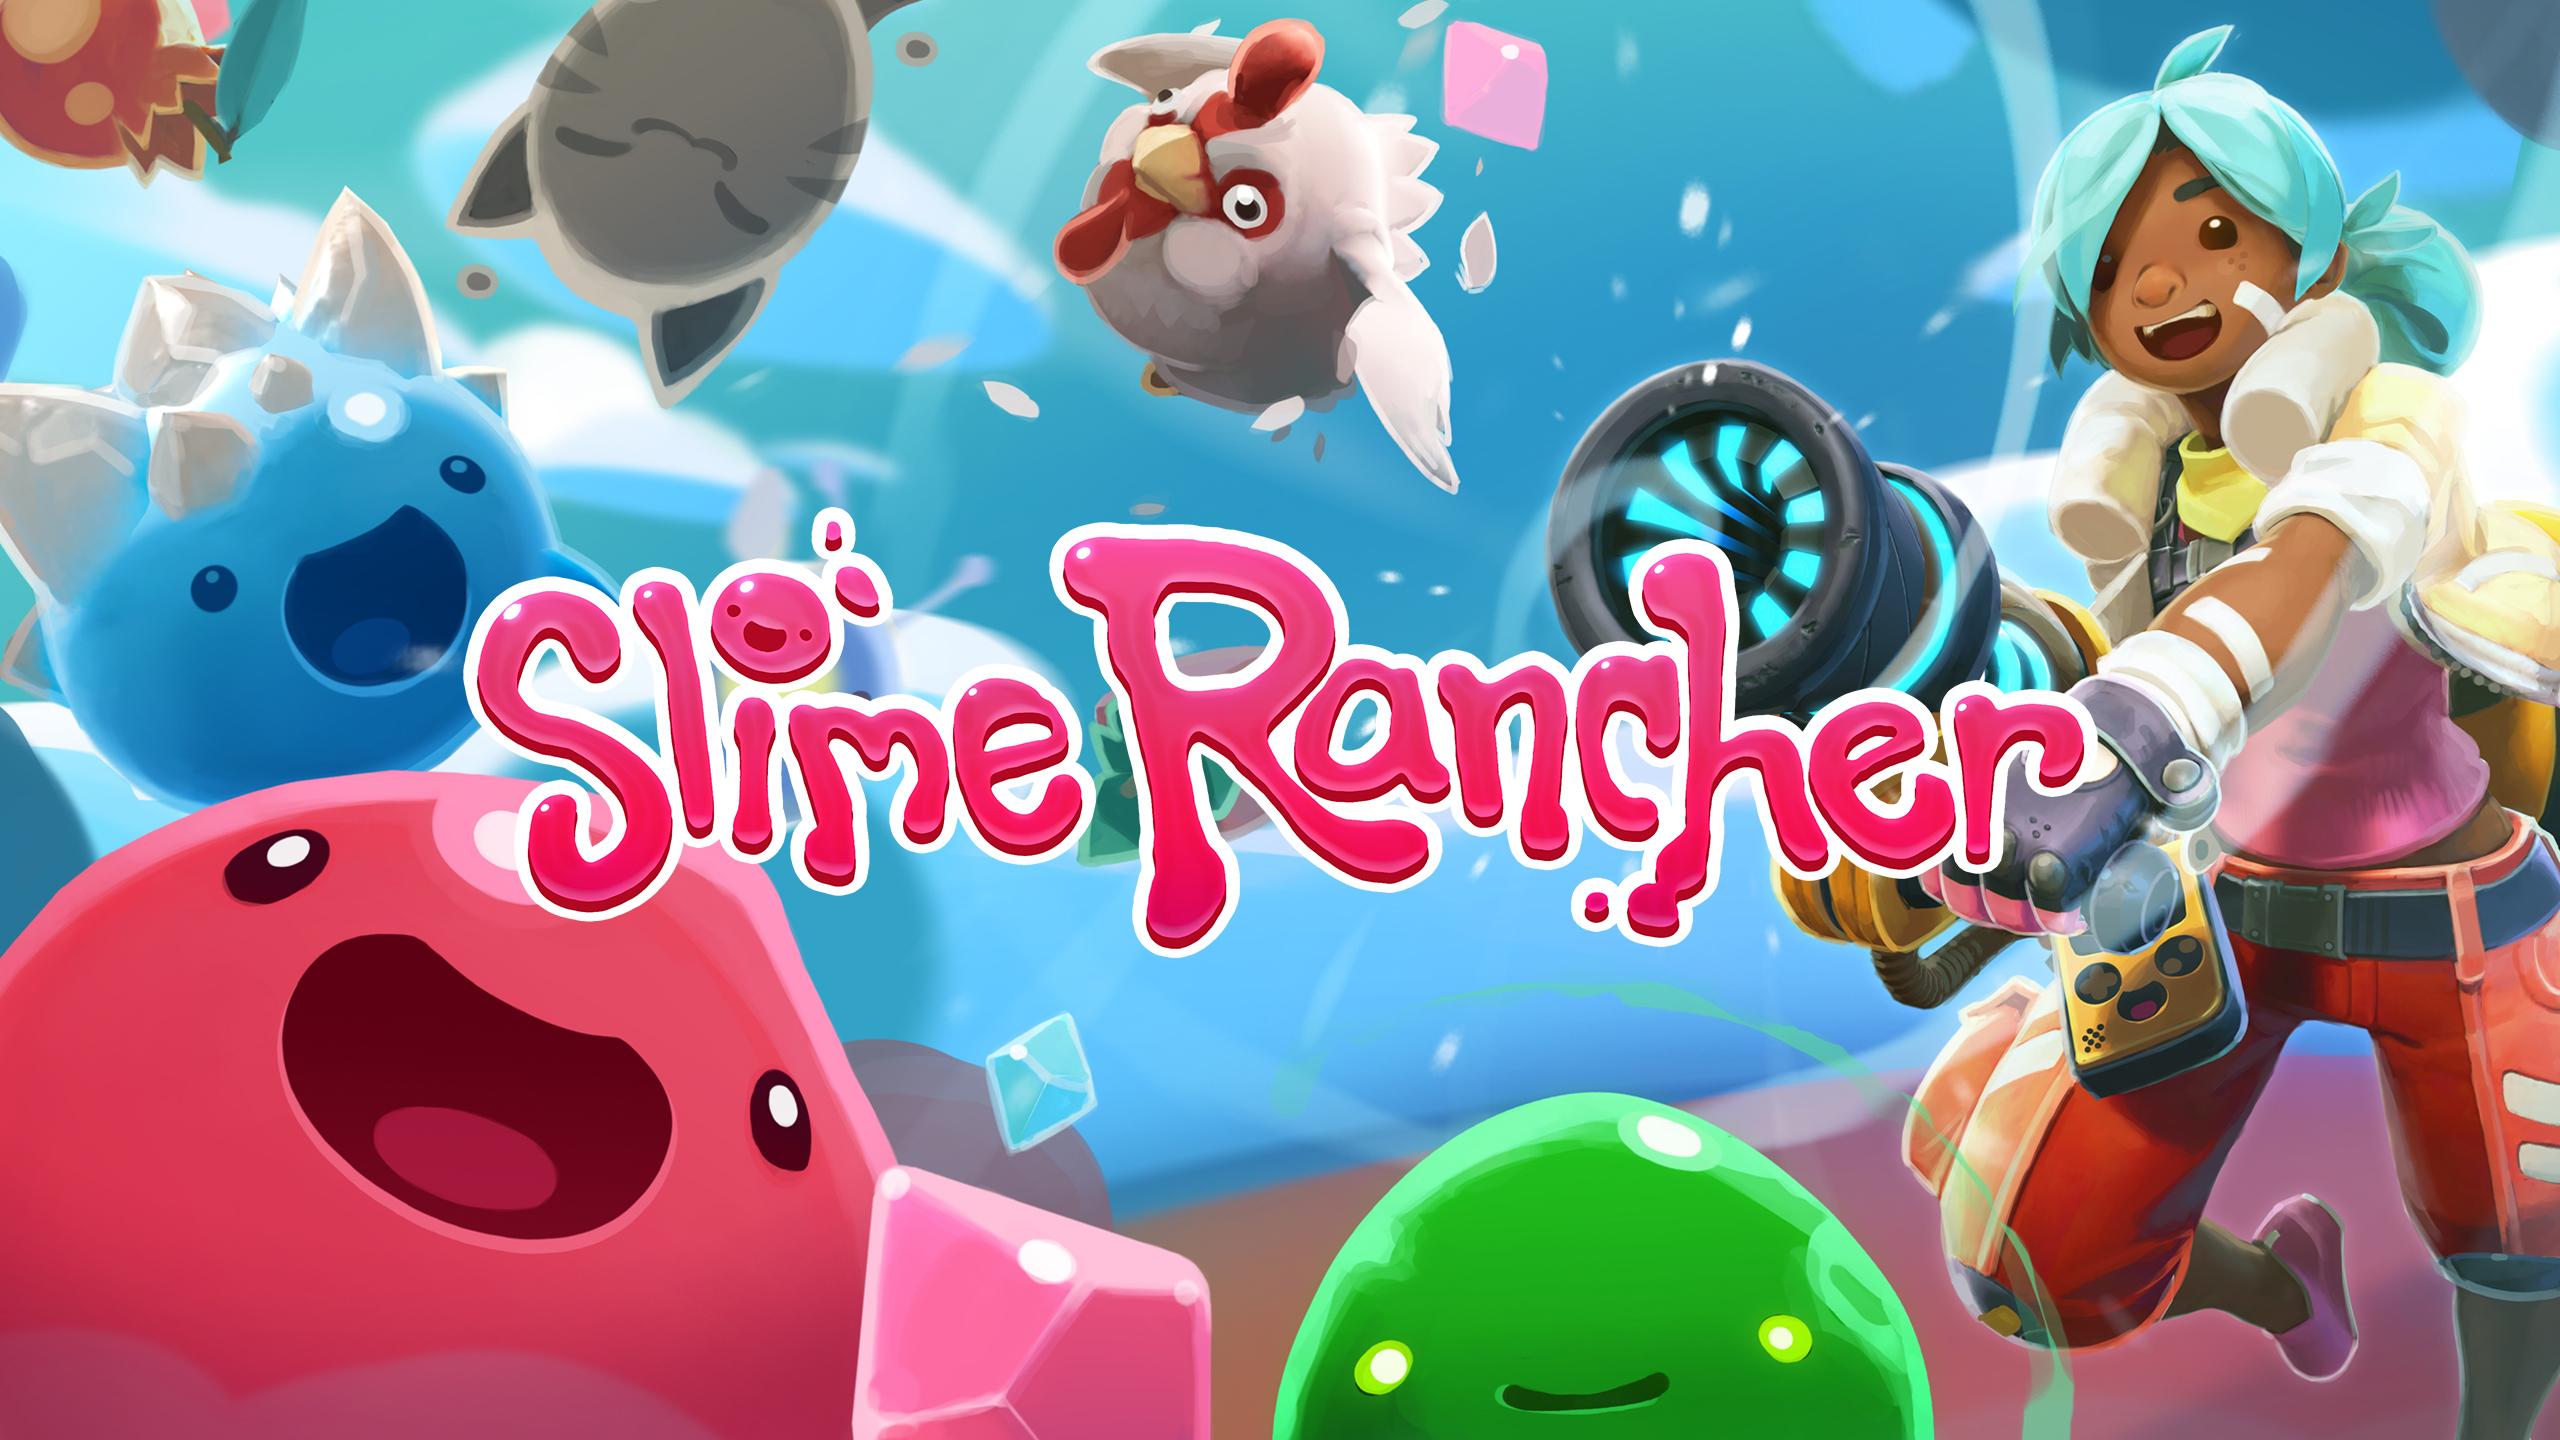 ¡Slime Rancher estará disponible de forma gratuita desde el 7 de marzo (11 a. m. EST) hasta el 21 de marzo (10:59 EST)!